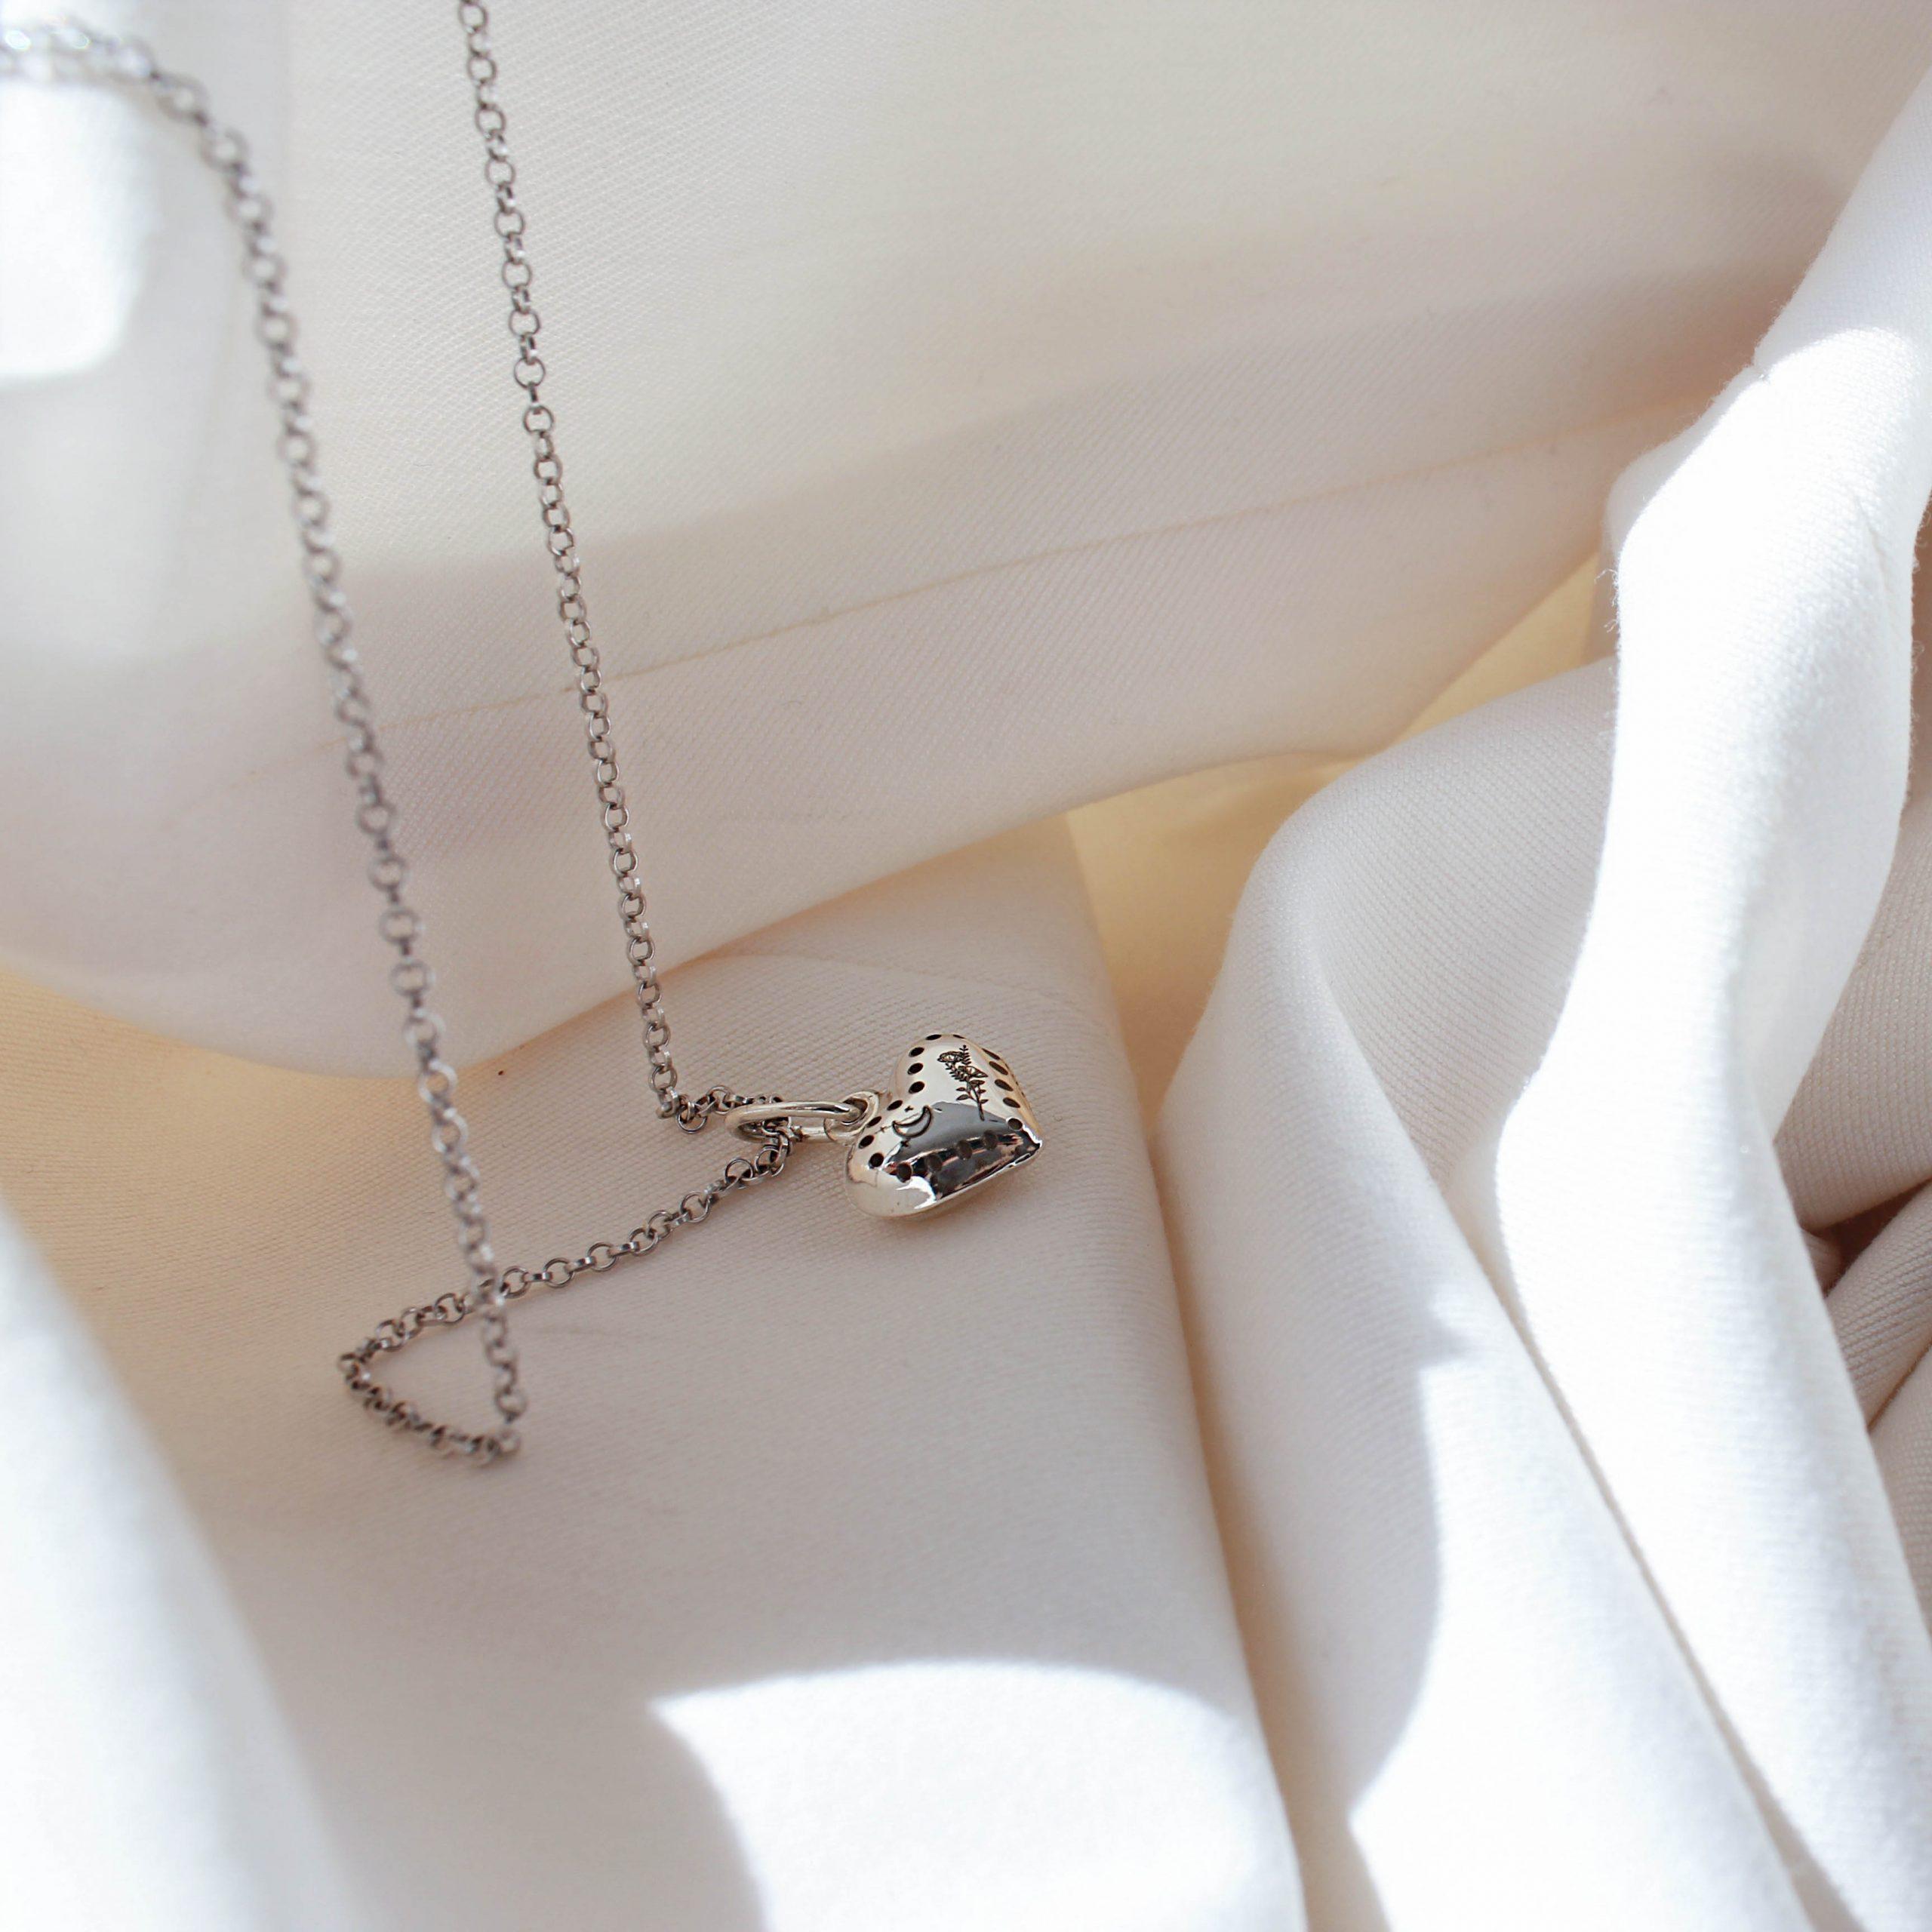 Srebrny naszyjnik z grawerem w kształcie serca z rodowanym łańcuszkiem.